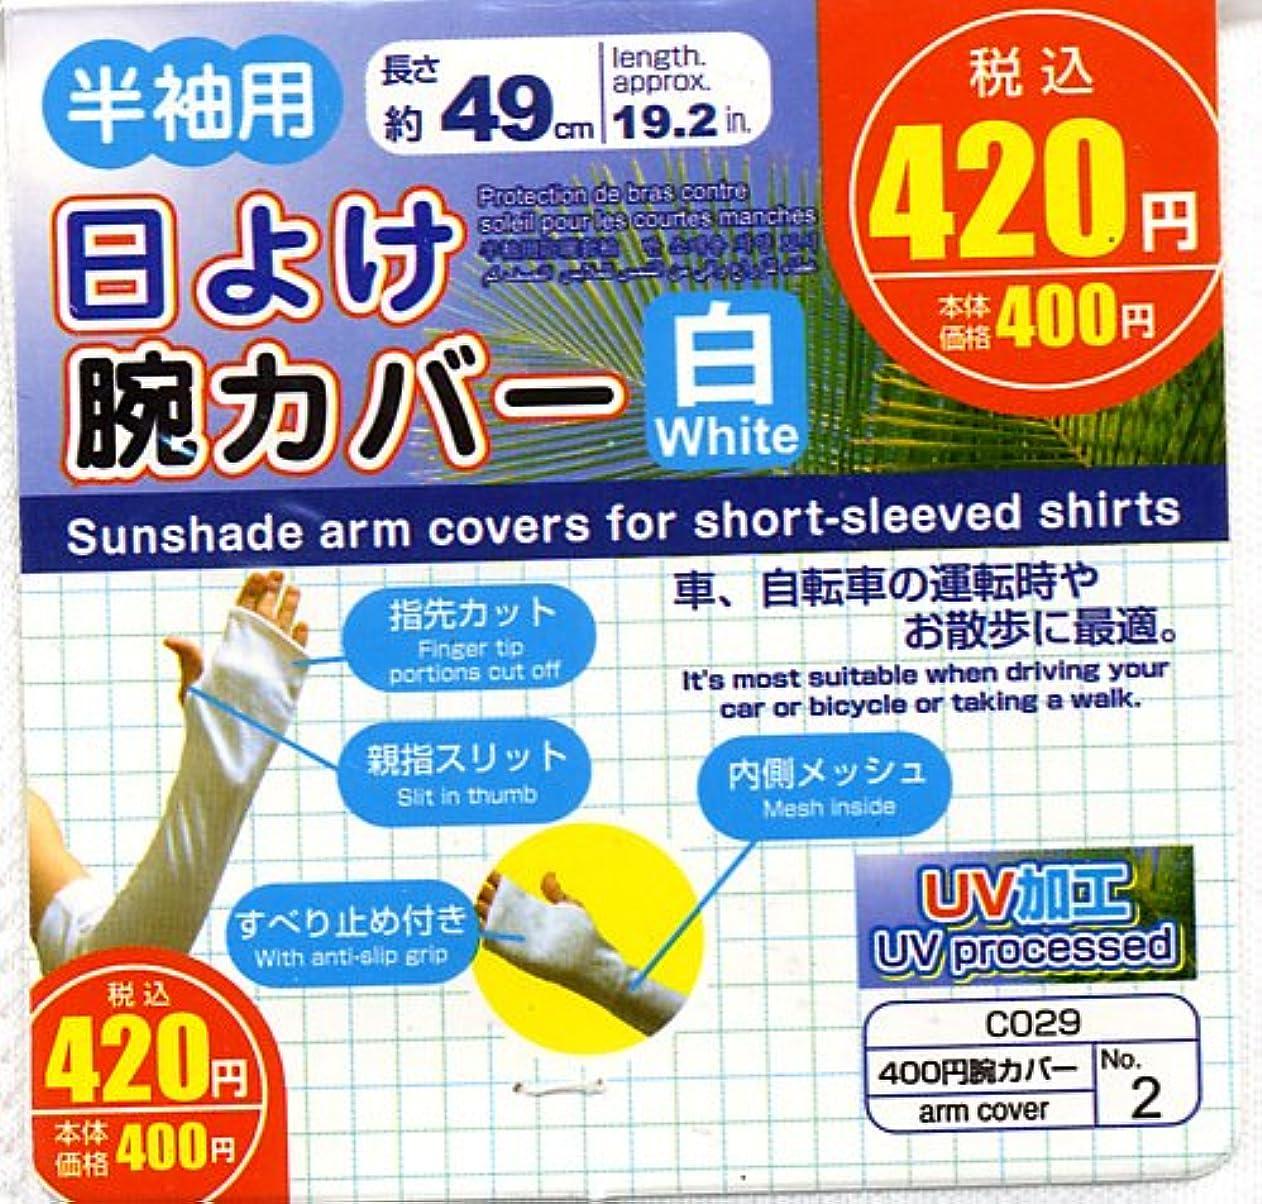 不確実明示的に人道的紫外線対策に!UVカットでお肌を紫外線から守る!日よけ腕カバー